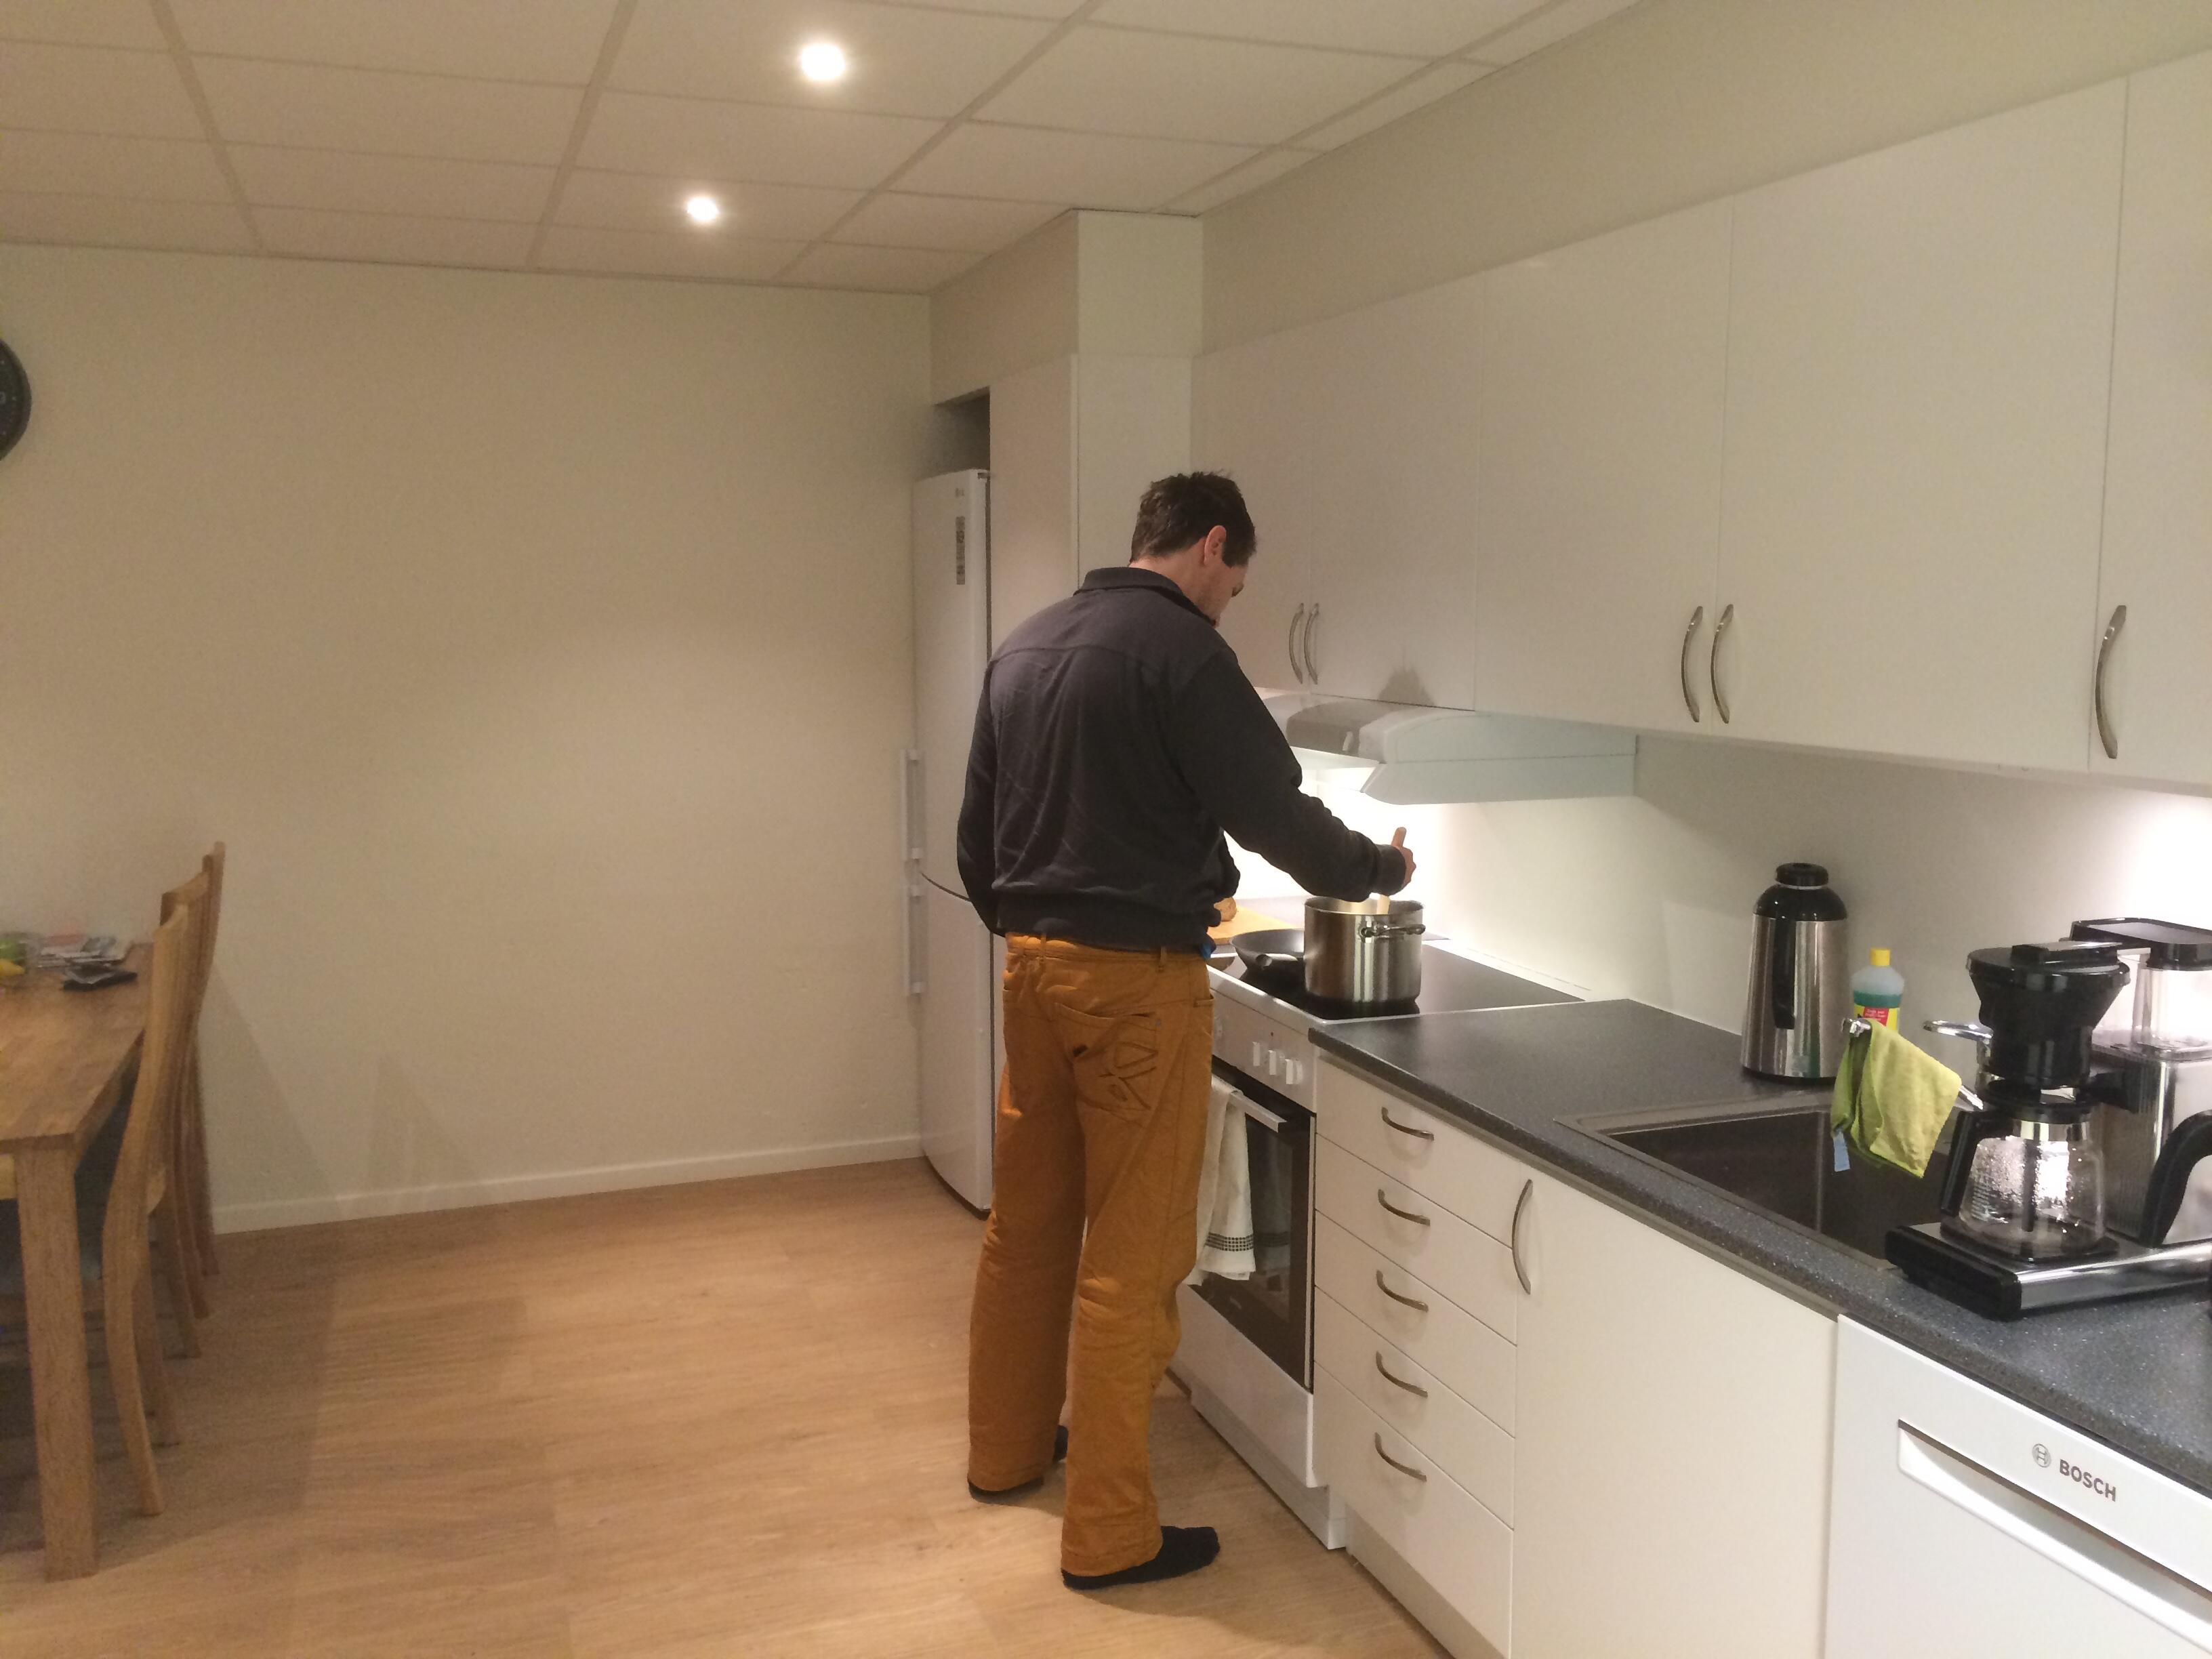 Mann lager mat på kjøkkenet